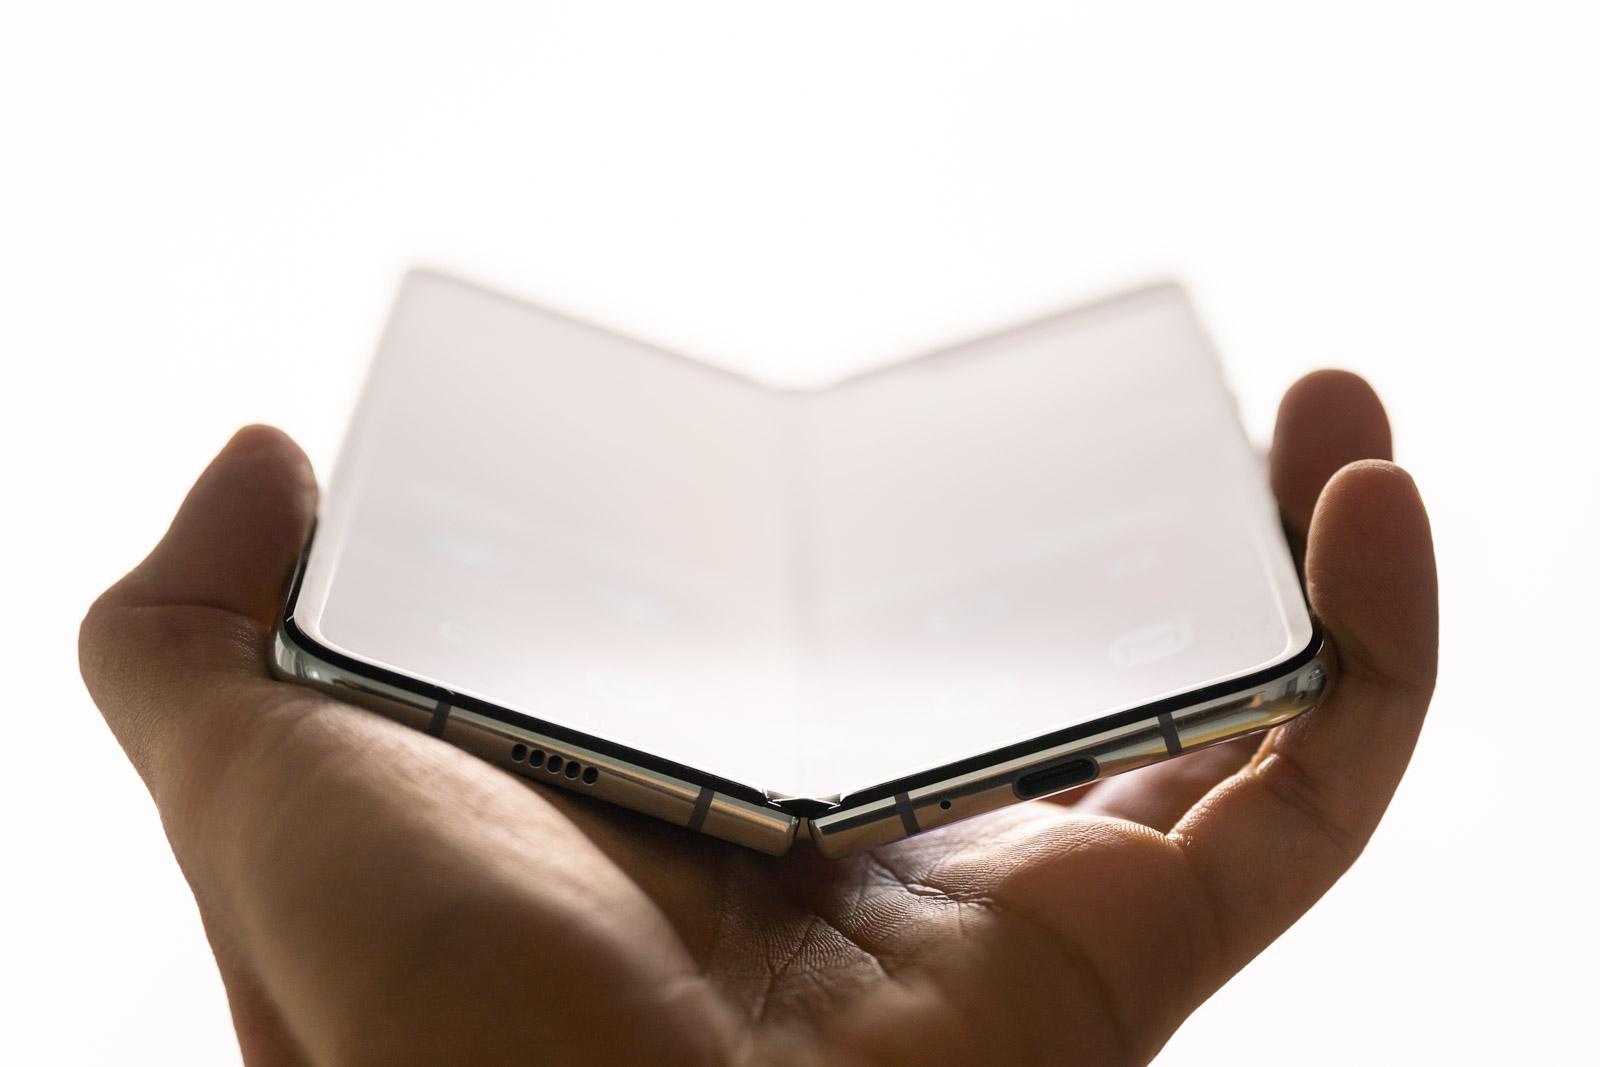 Nola bizi Samsung-ekin Galaxy Fold?  hemen 5 pros eta kontra handienak